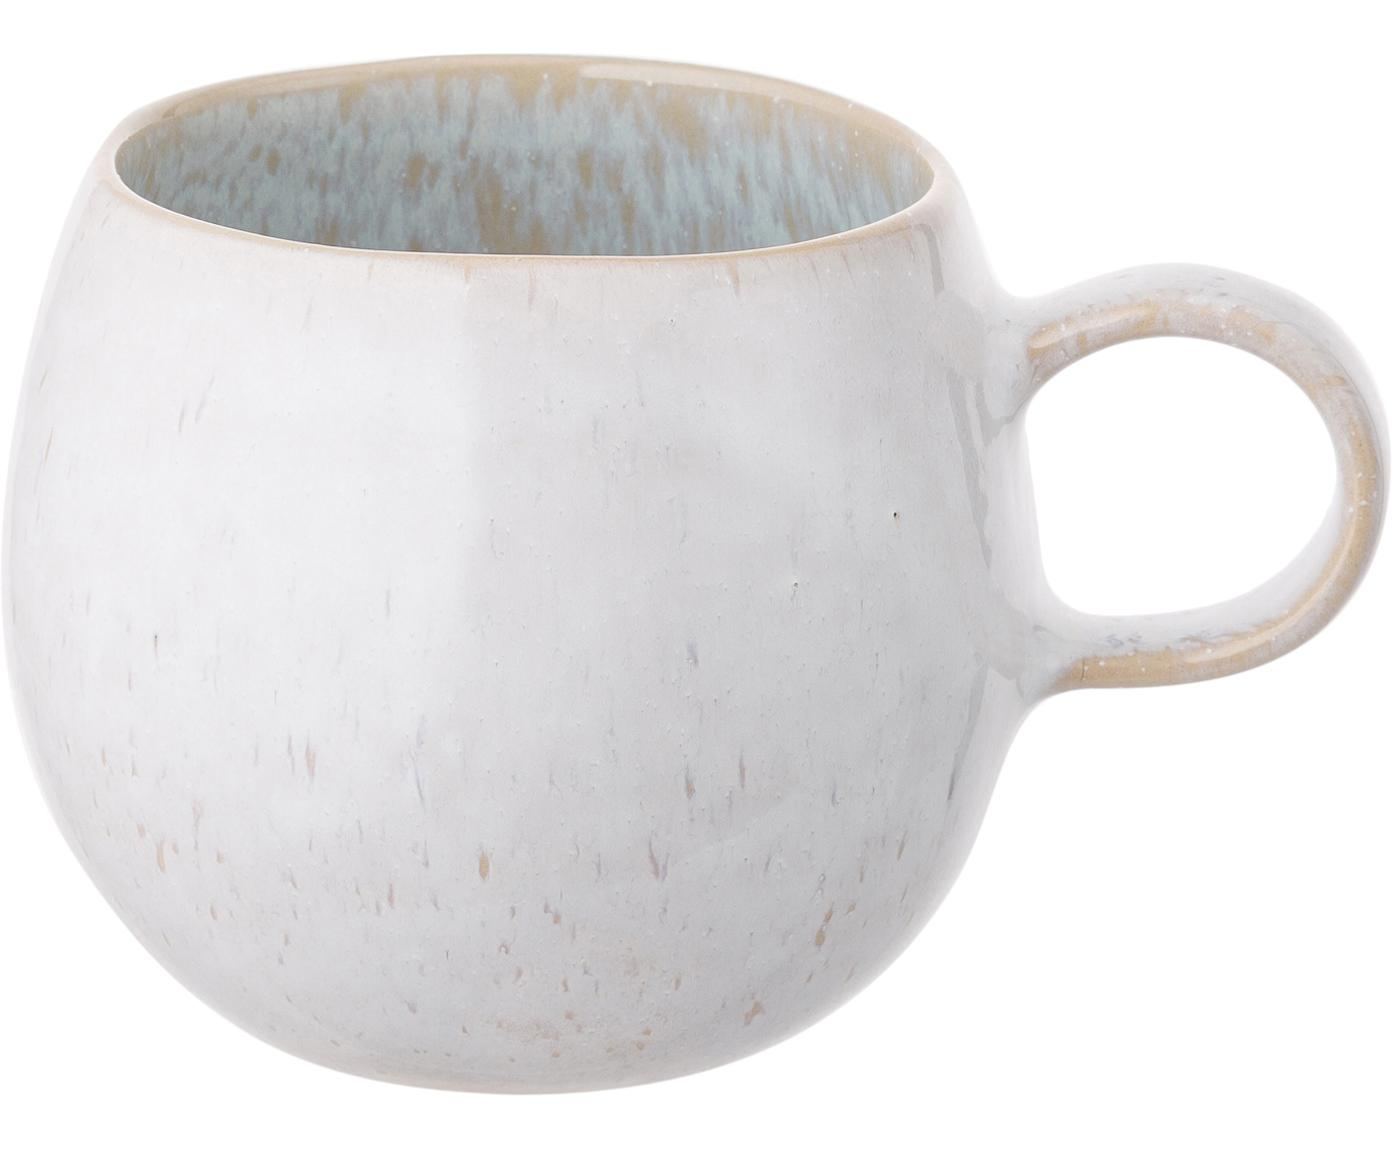 Handbemalte Teetassen Areia, 2 Stück, Steingut, Hellblau, Gebrochenes Weiss, Hellbeige, Ø 9 x H 10 cm